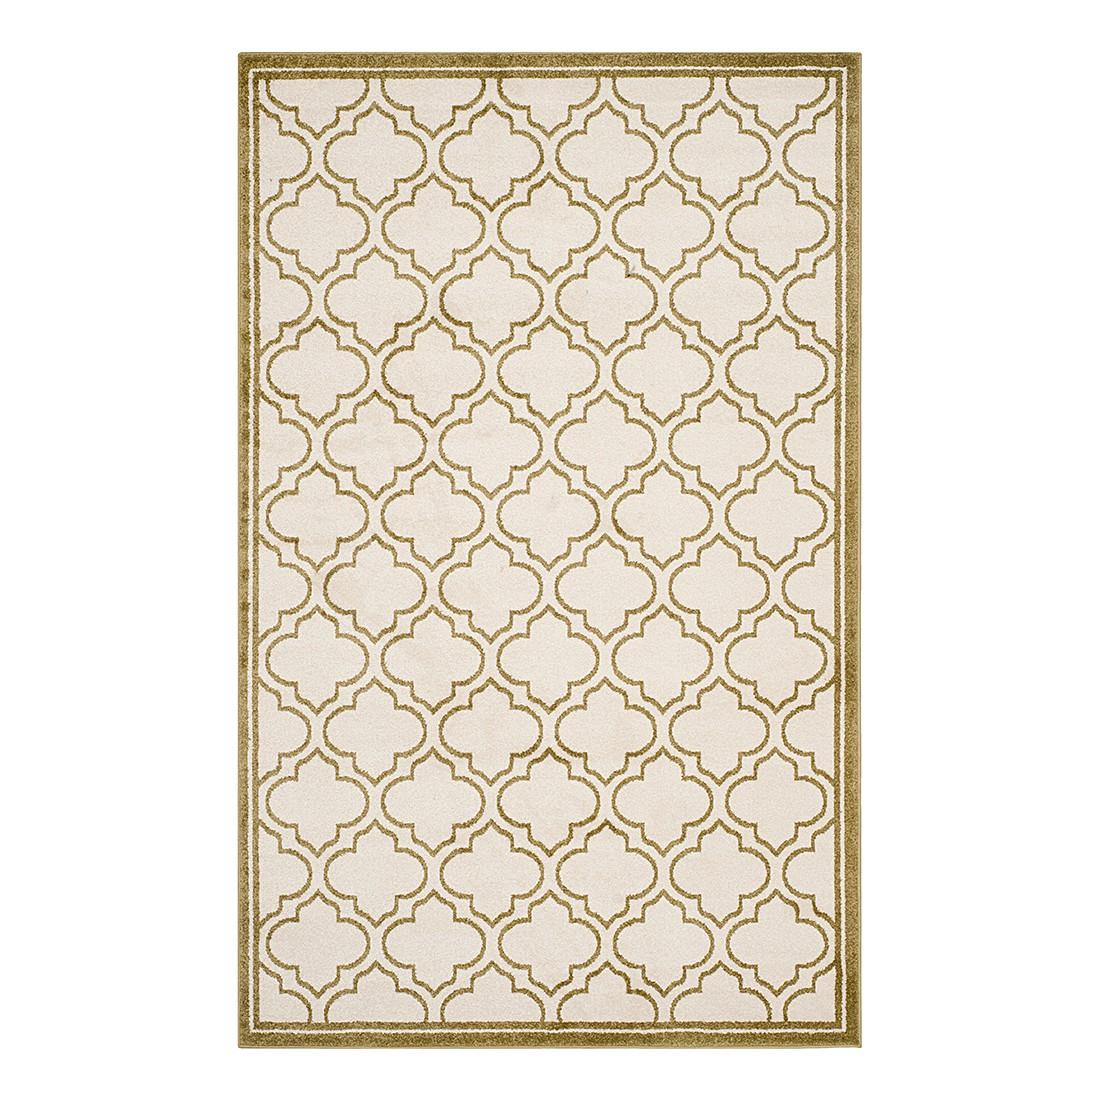 In-/Outdoorteppich La Salis – Creme/Hellgrün – Maße: 121 x 182 cm, Safavieh günstig online kaufen